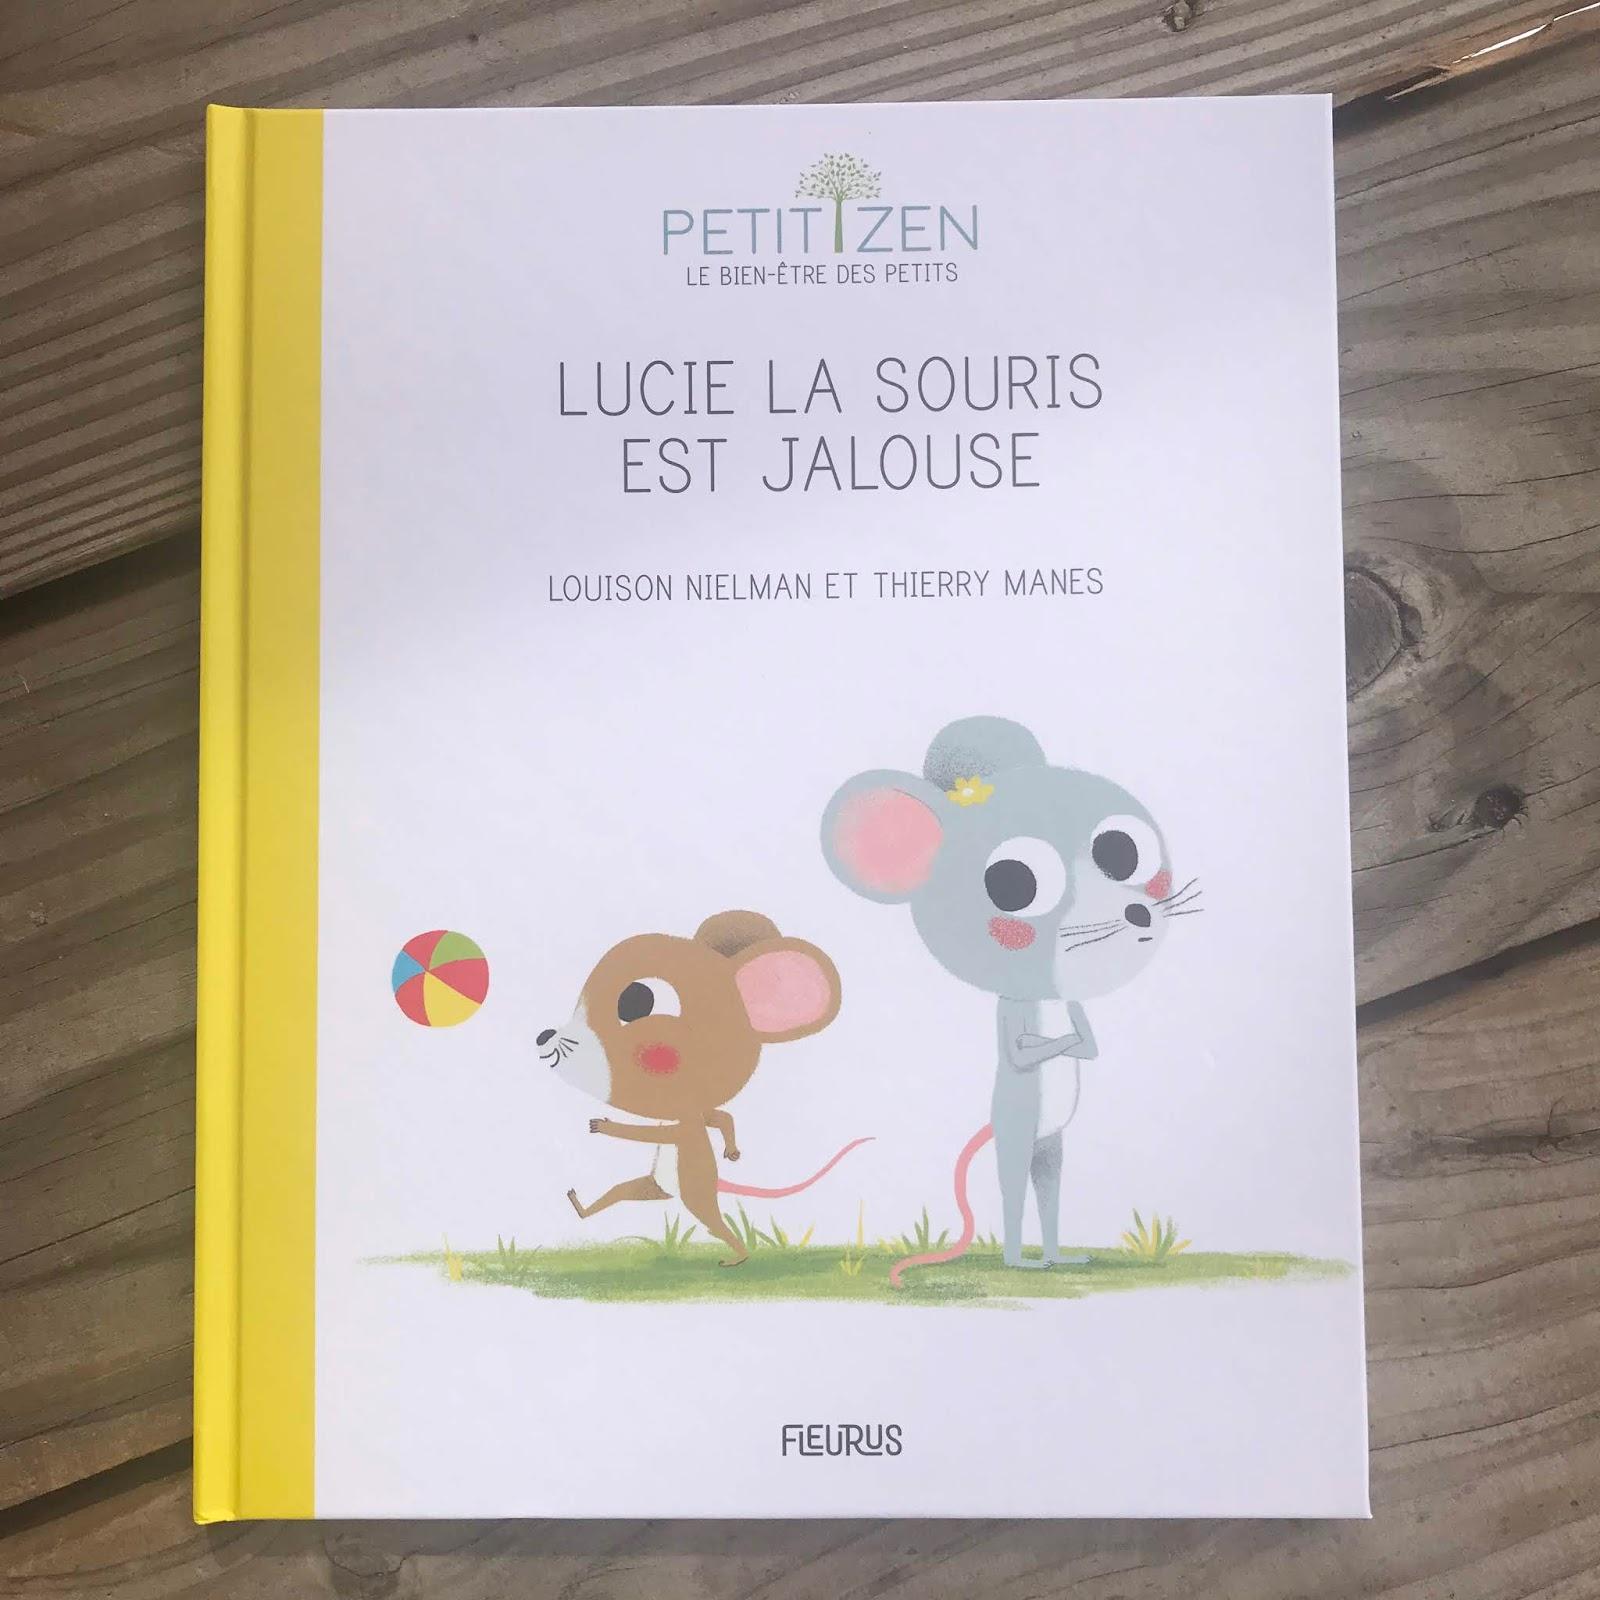 Petit zen : Lucie la souris est jalouse